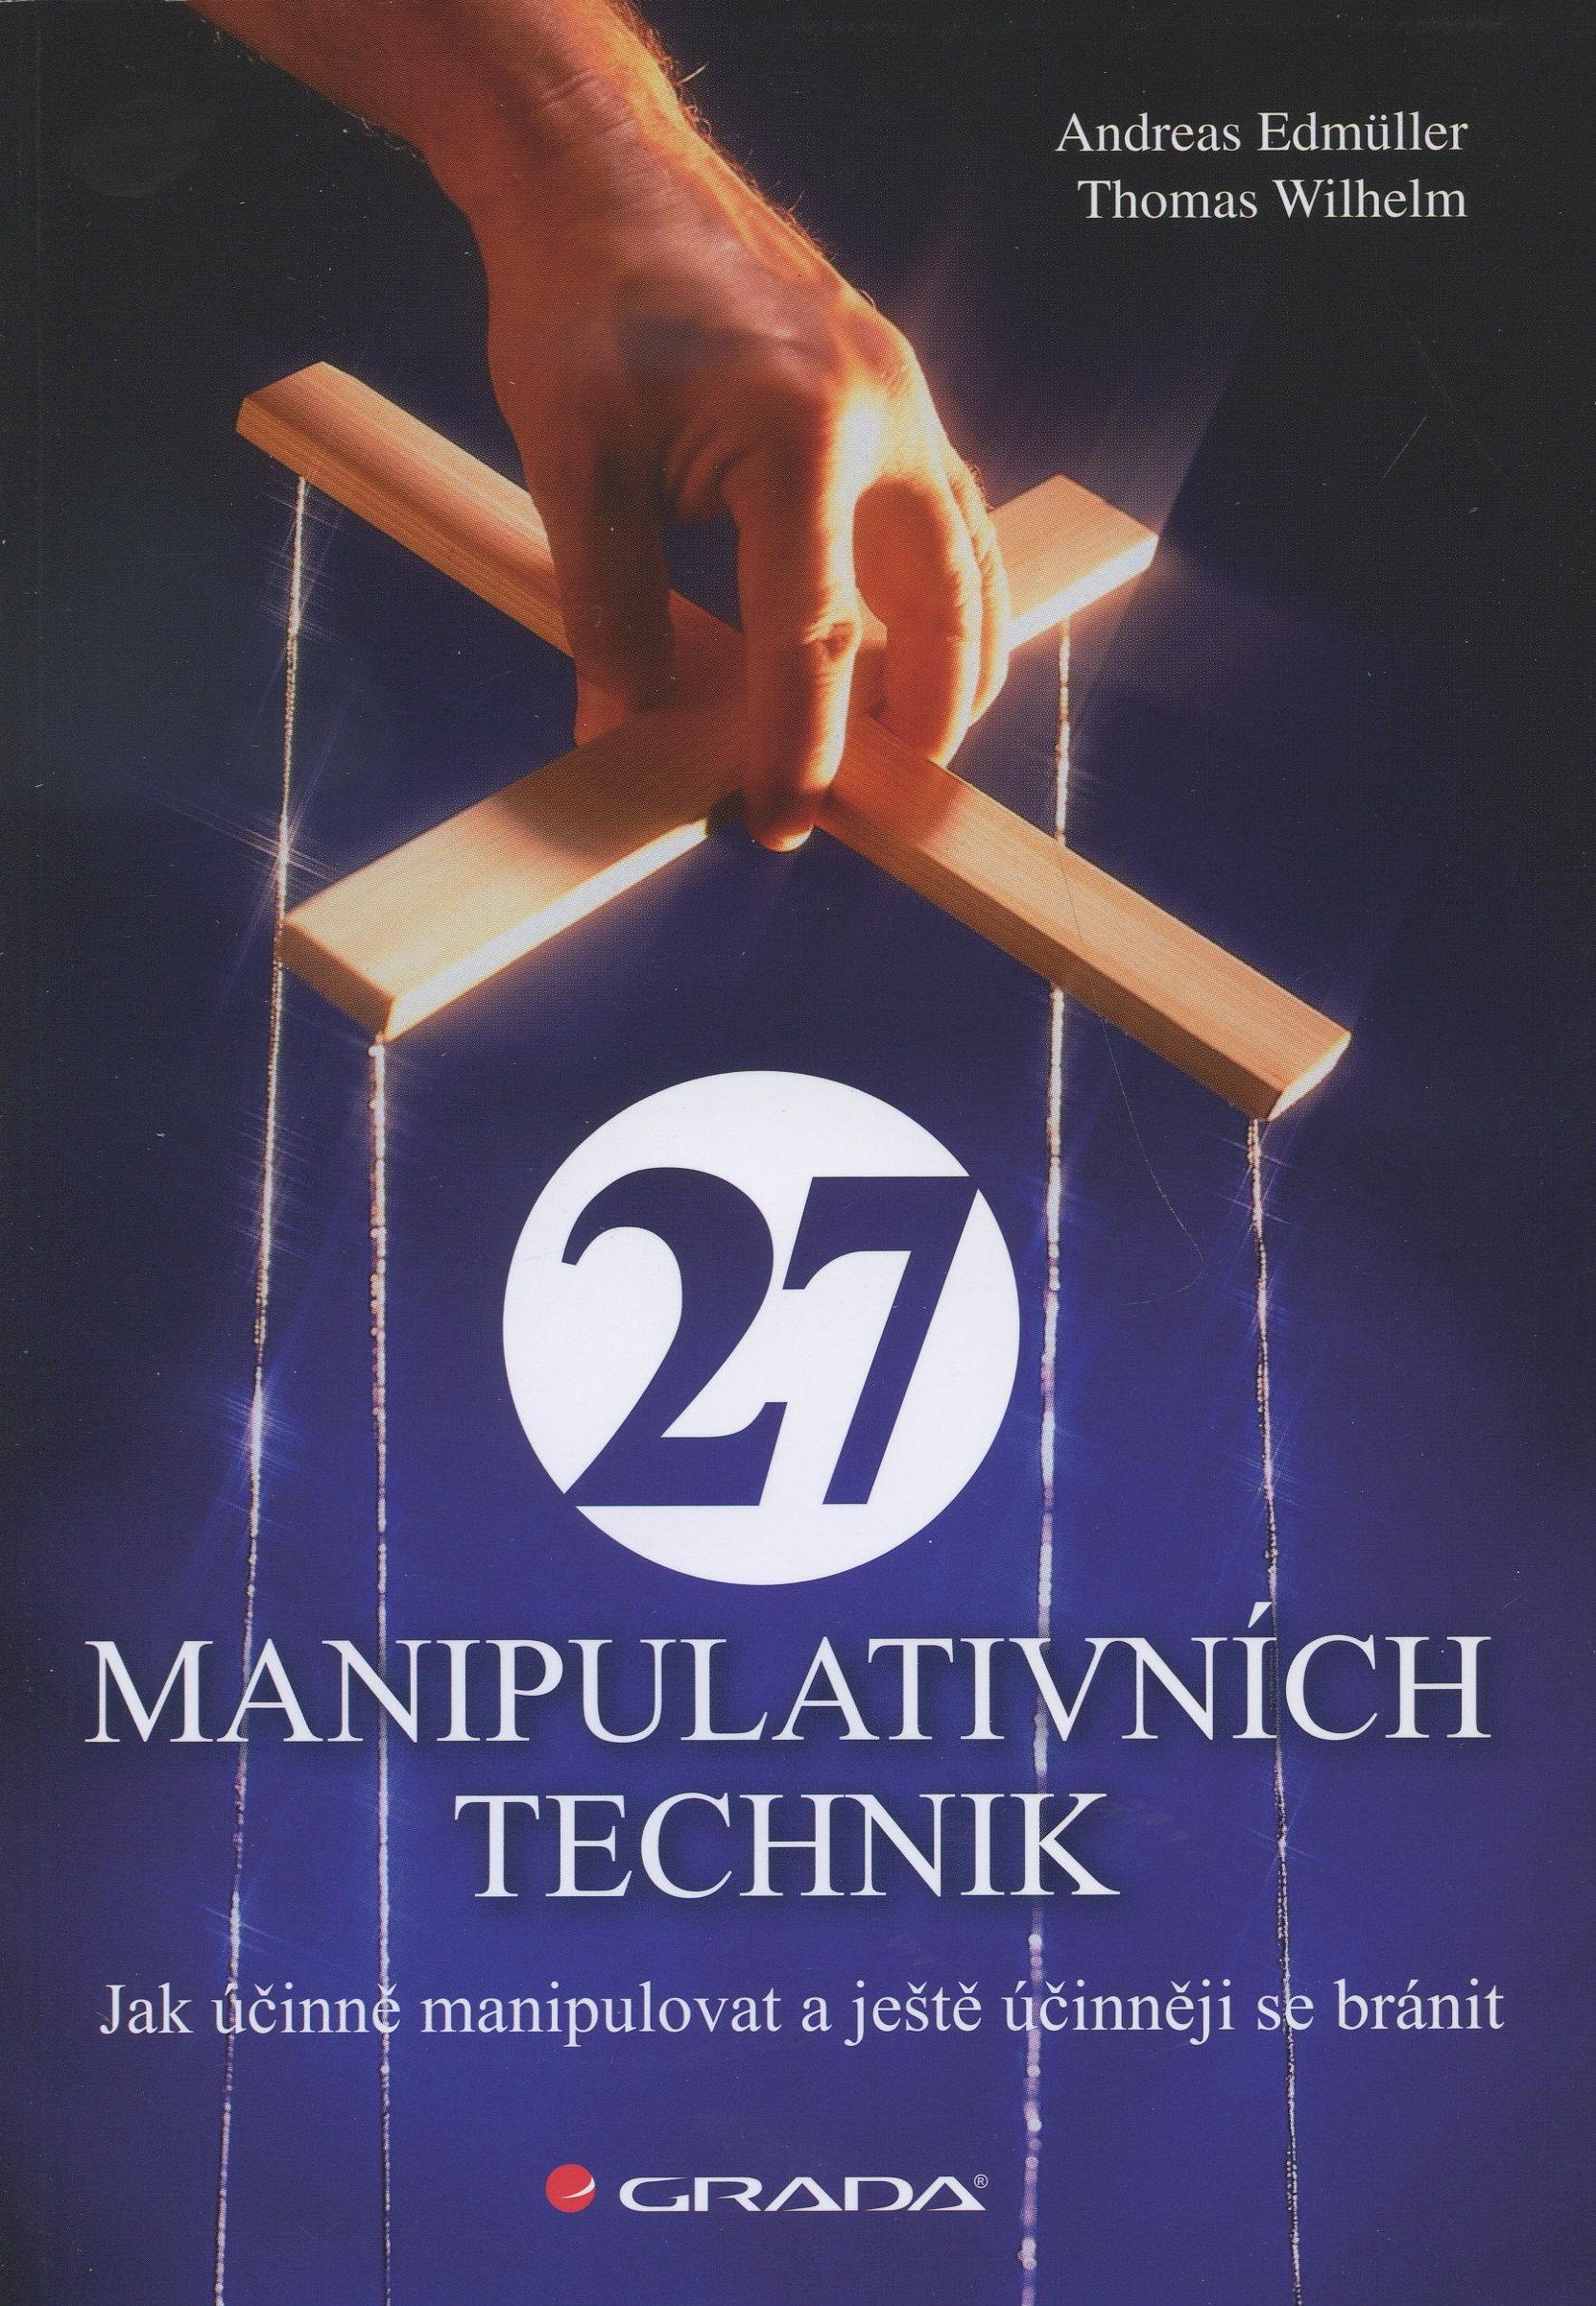 27 manipulativních technik - Jak účinně manipulovat a ještě účinněji se bránit